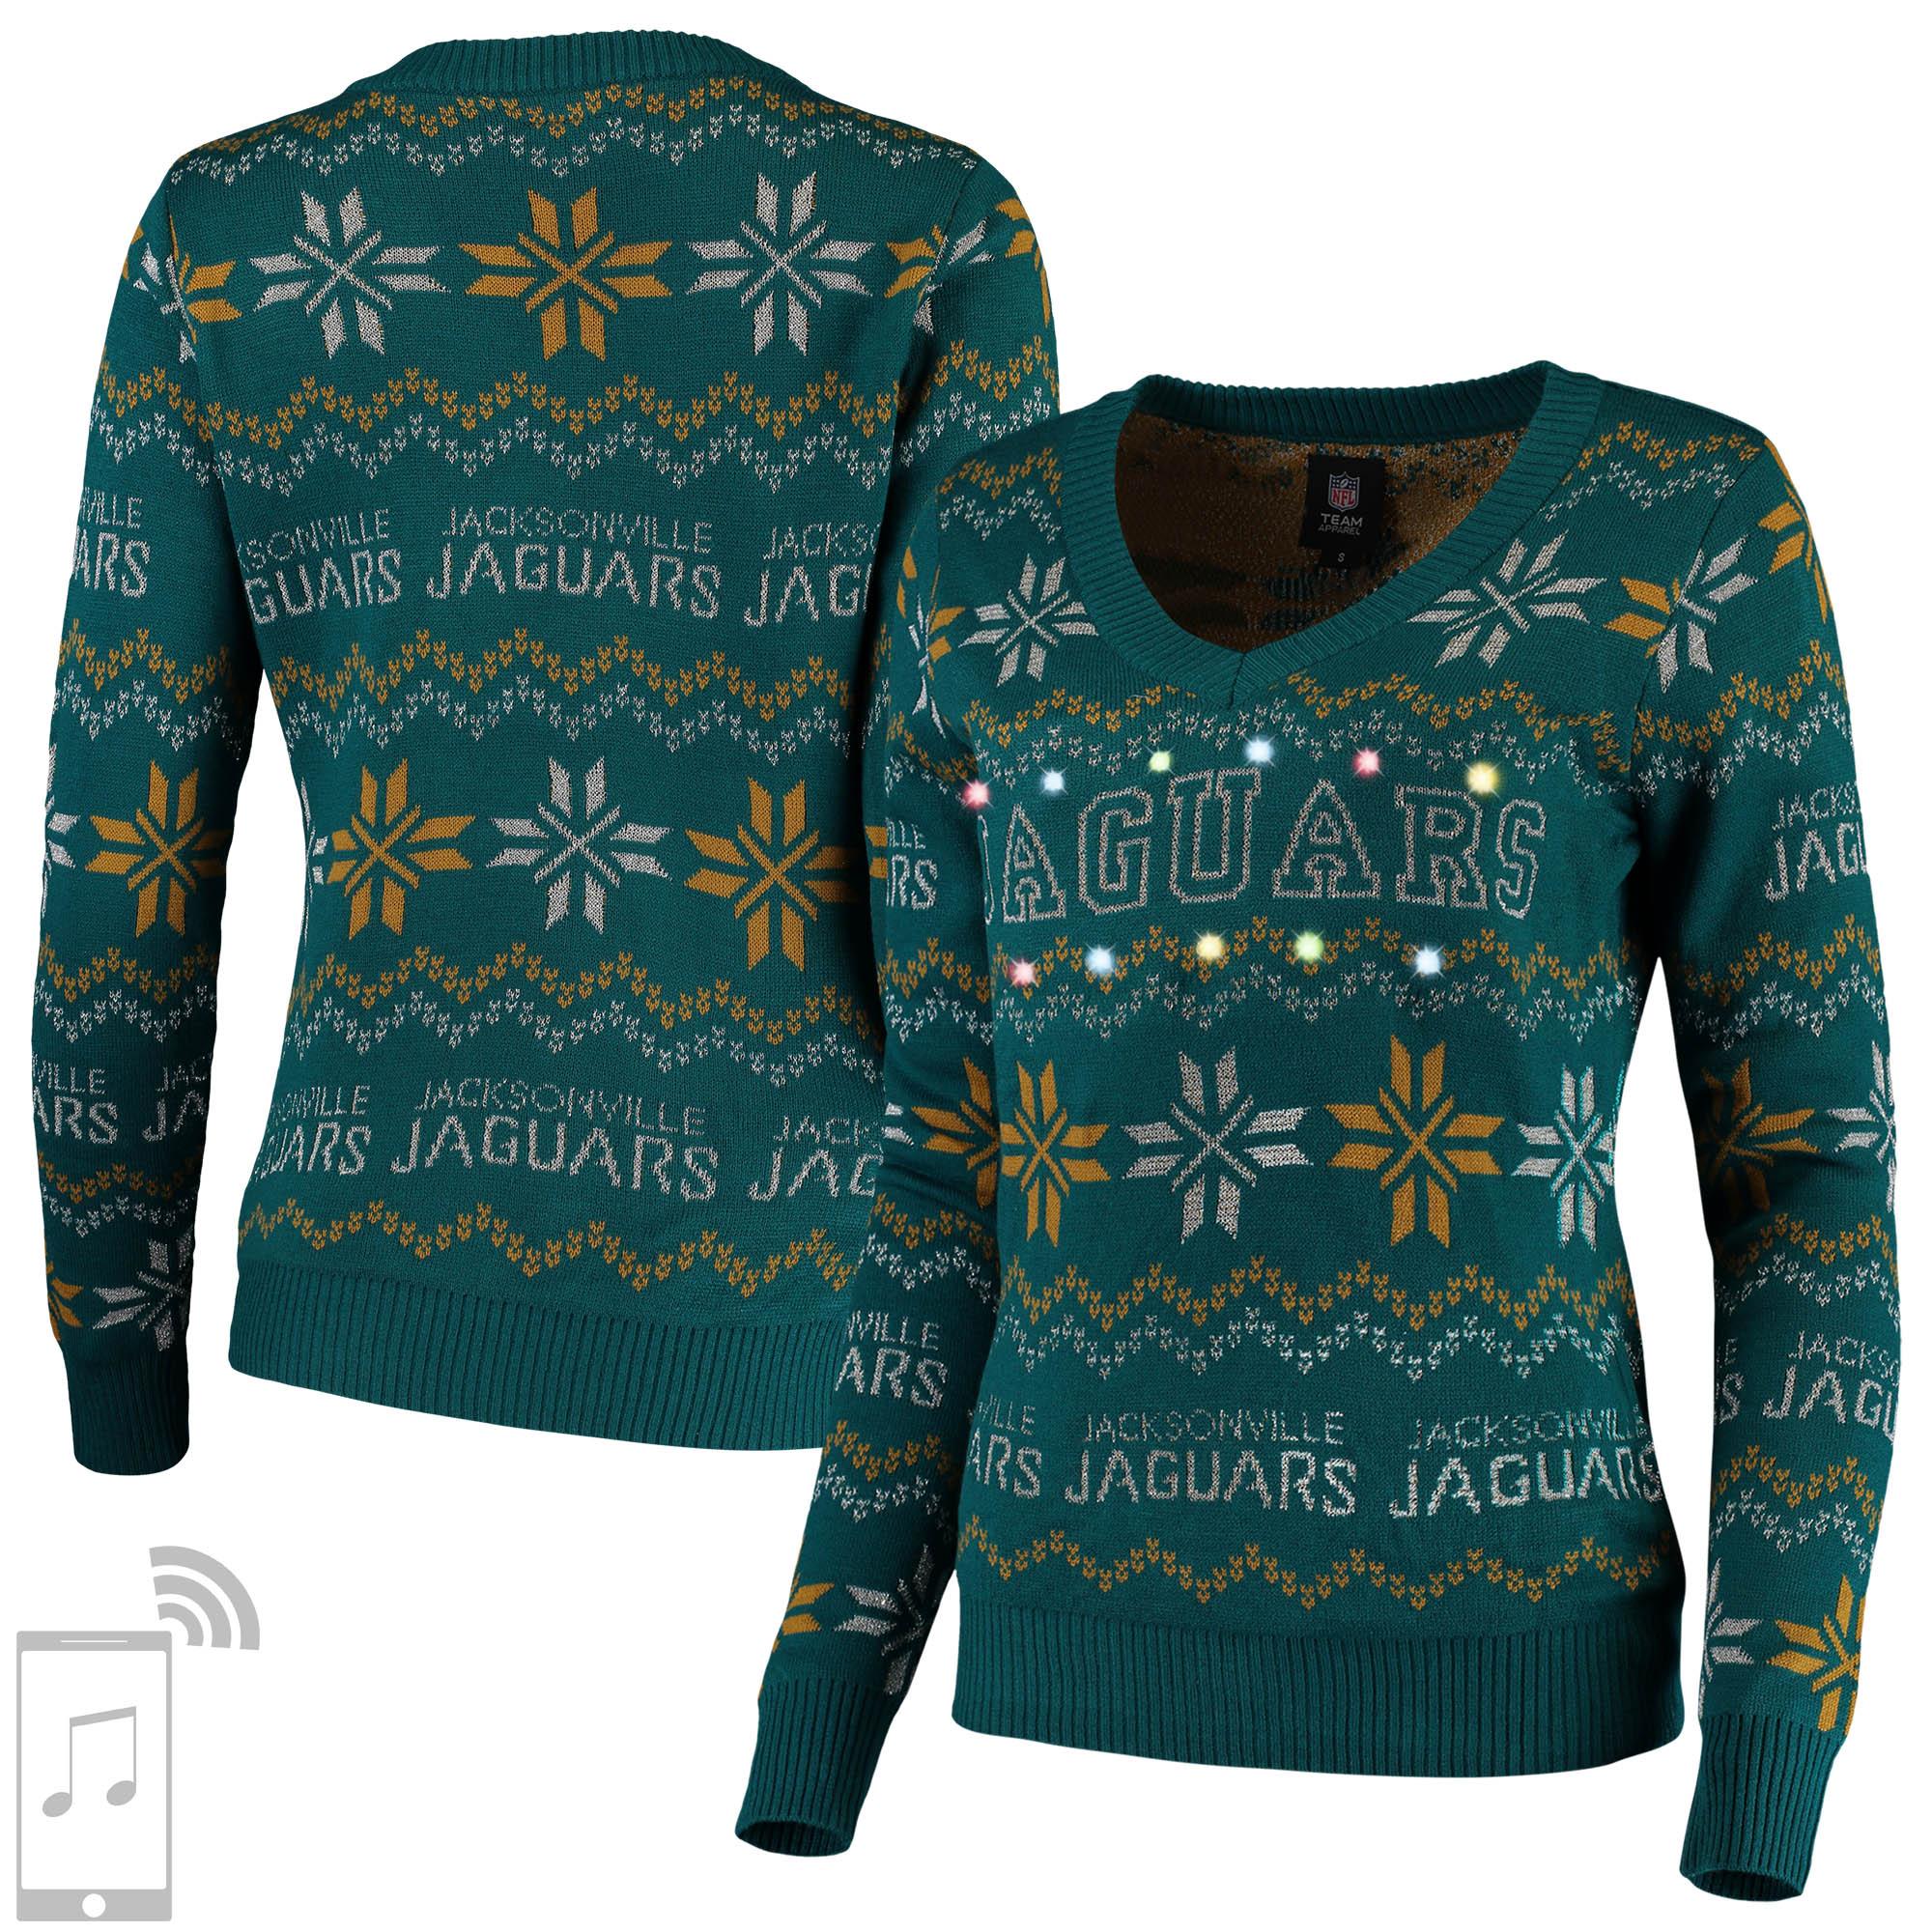 Jacksonville Jaguars Women's V-Neck Bluetooth Light Up Tri-Blend Ugly Sweater - Teal